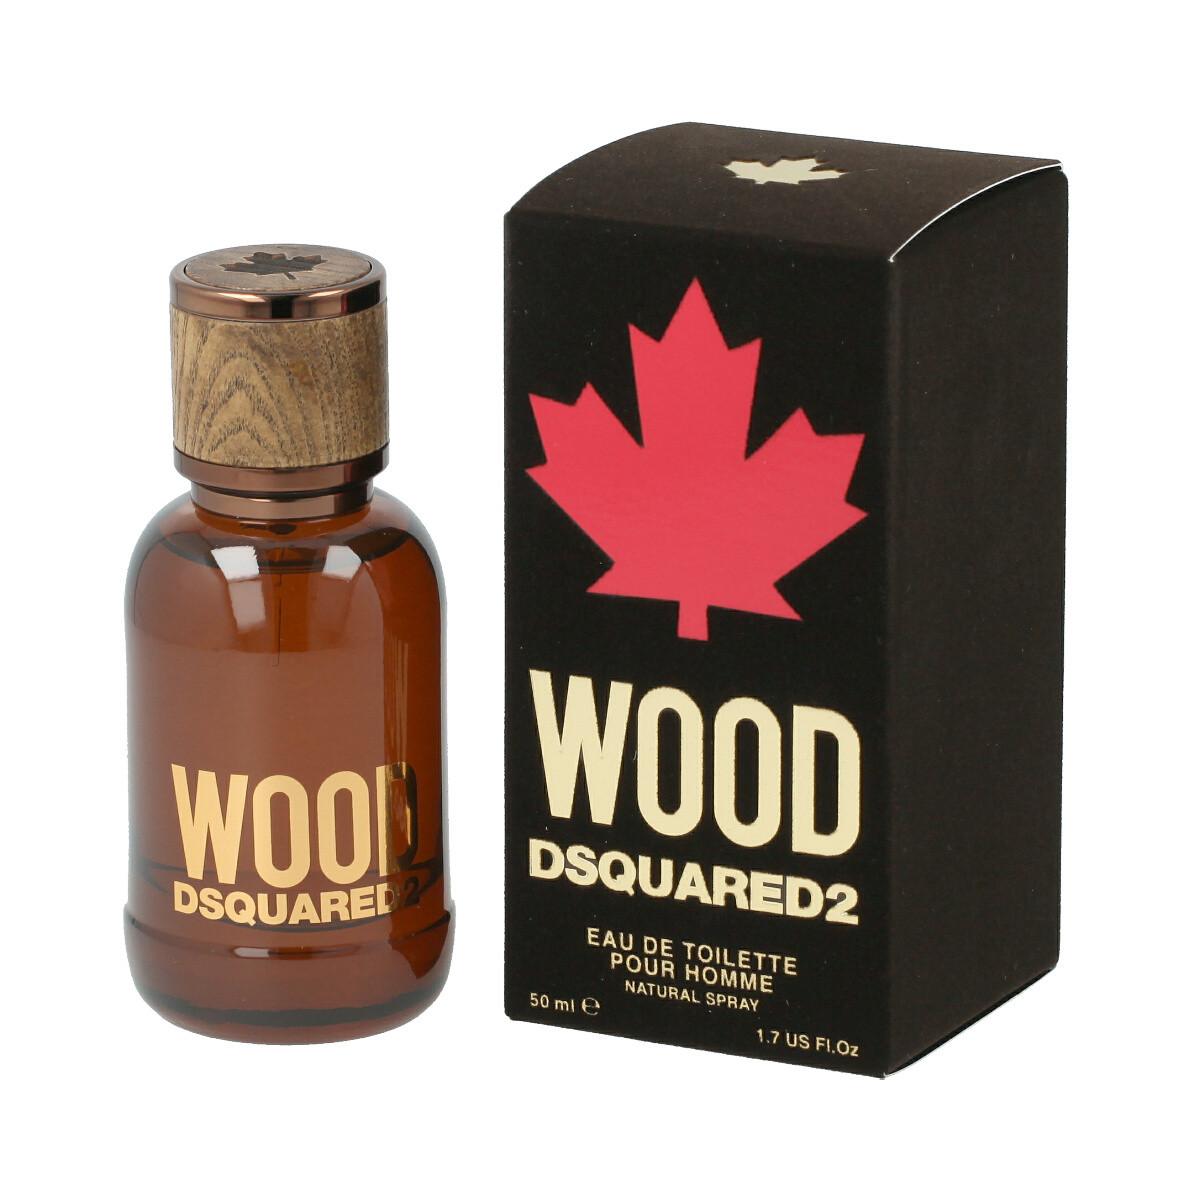 Dsquared2 Wood for Him Eau de Toilette (uomo) 50 ml